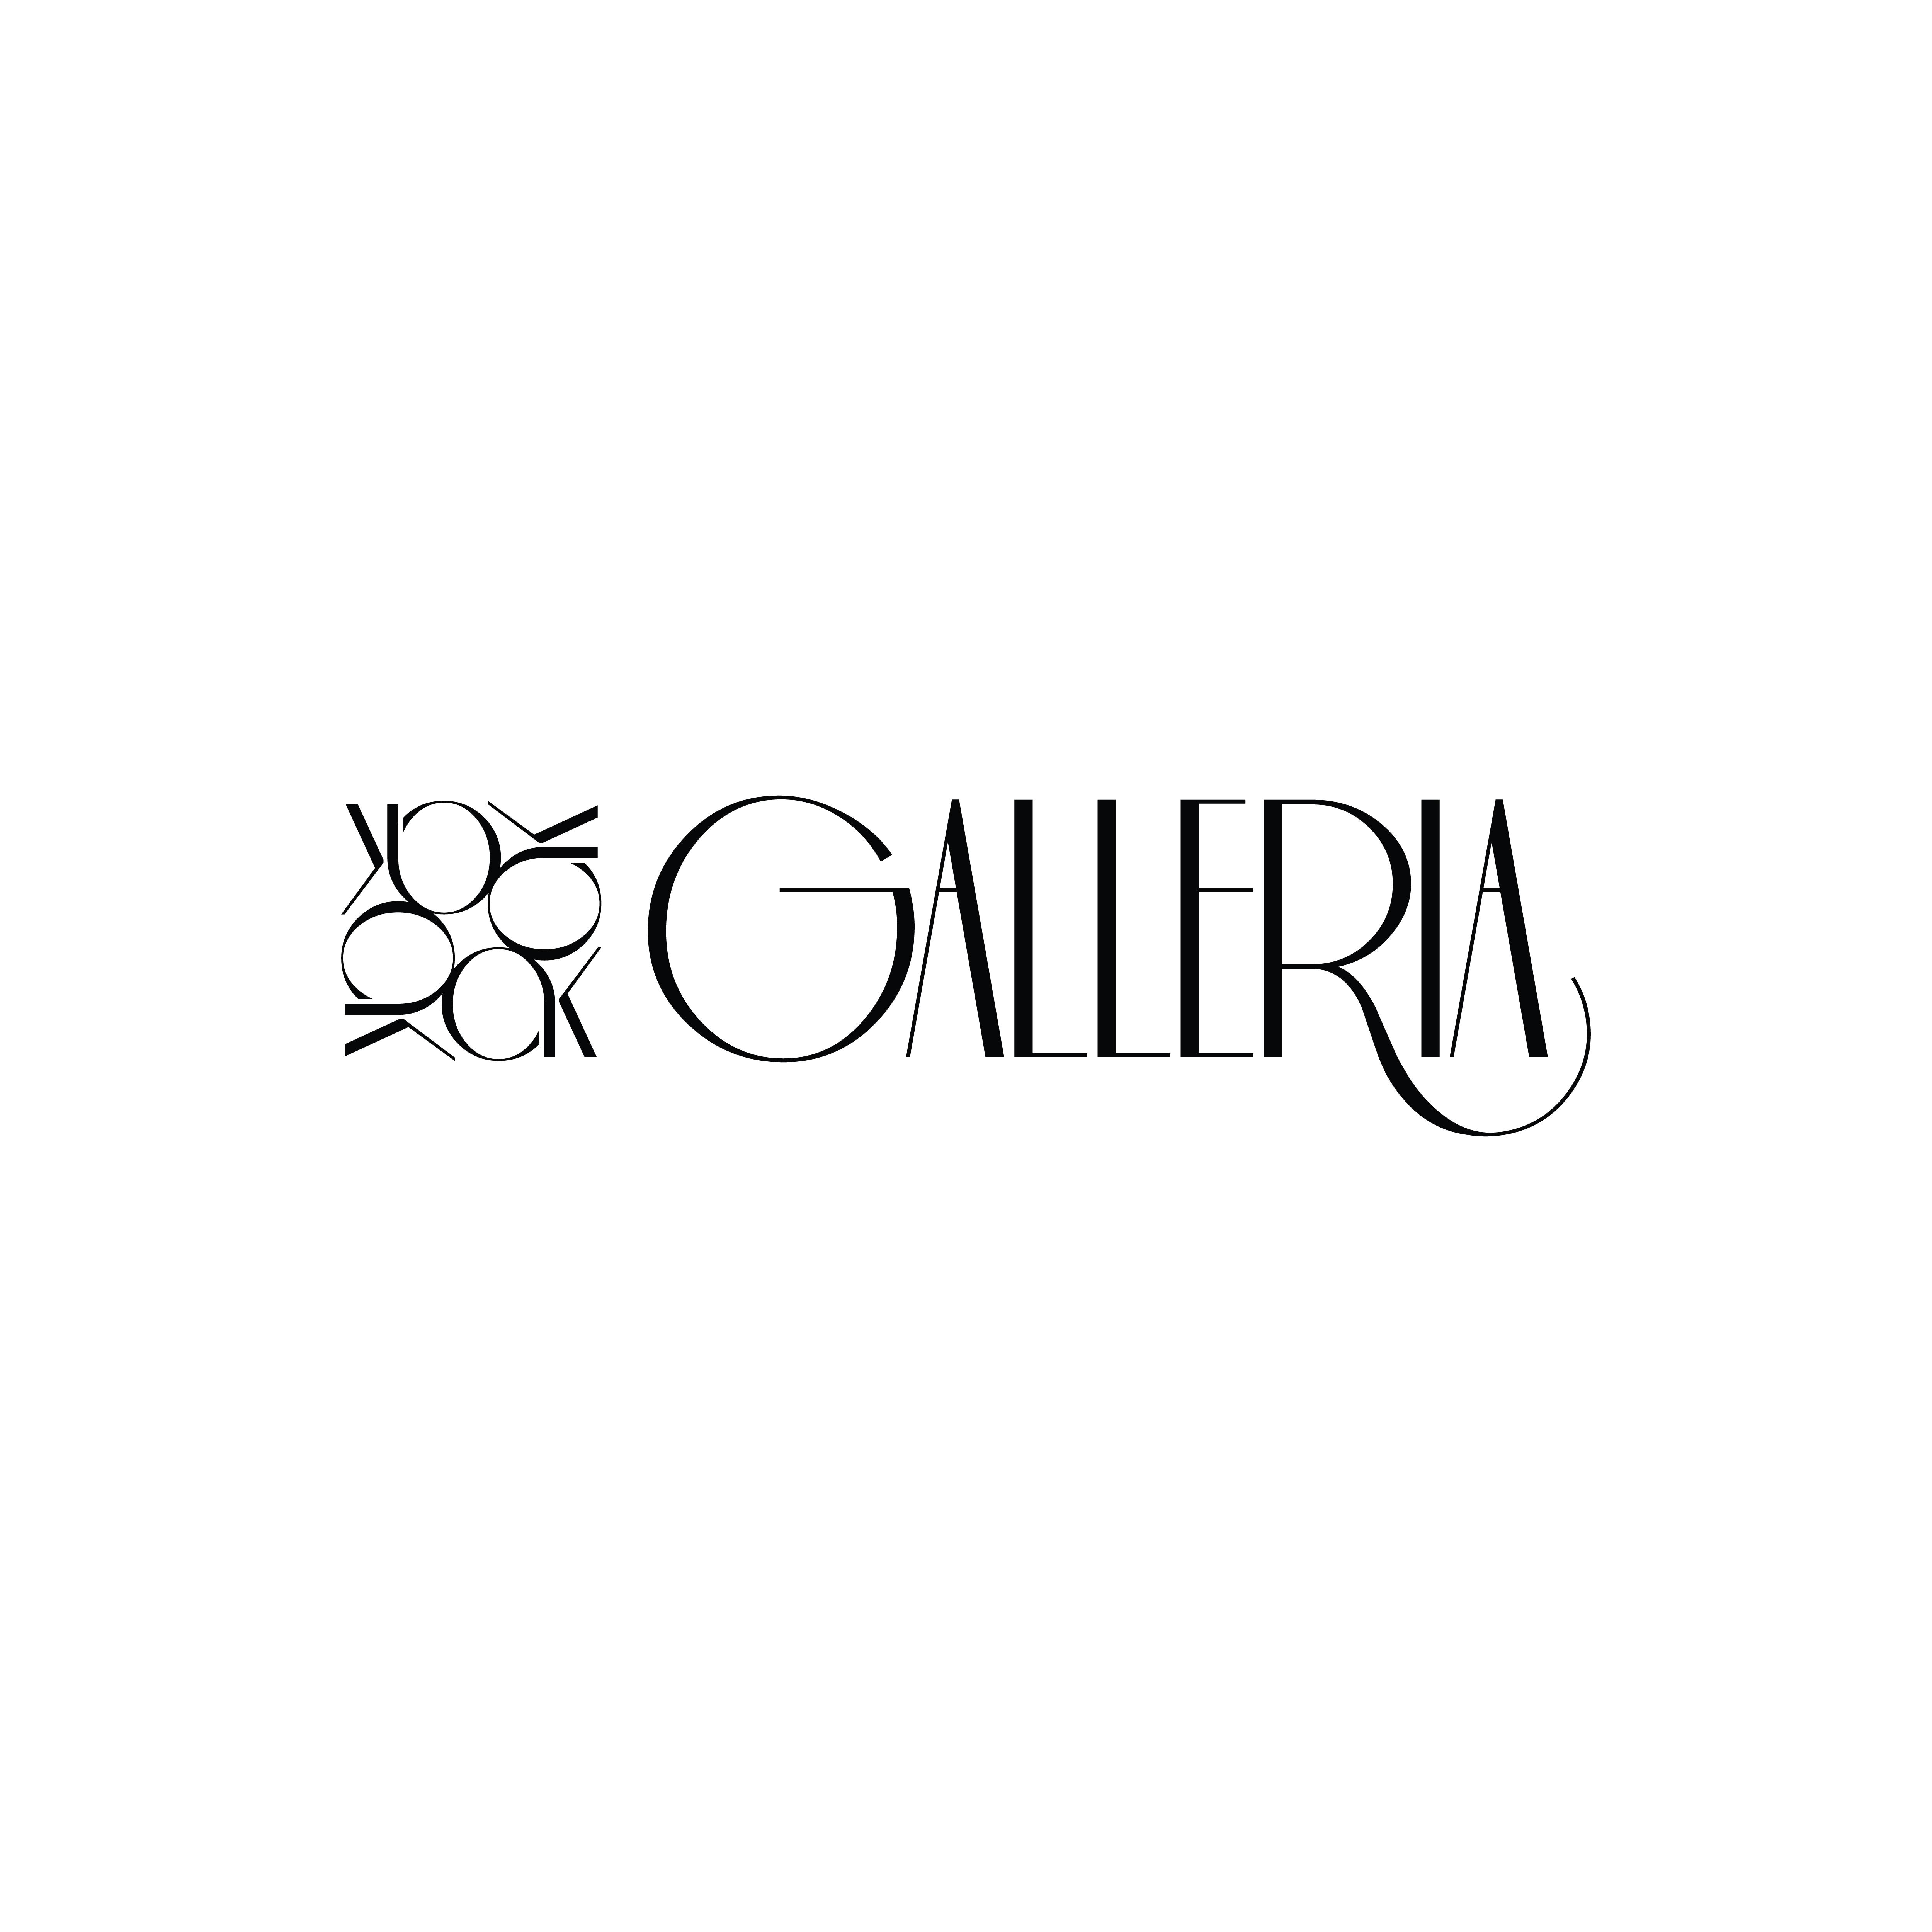 dcd3812c019f Bartoria - ALDO - Brands - Women - AKGalleria